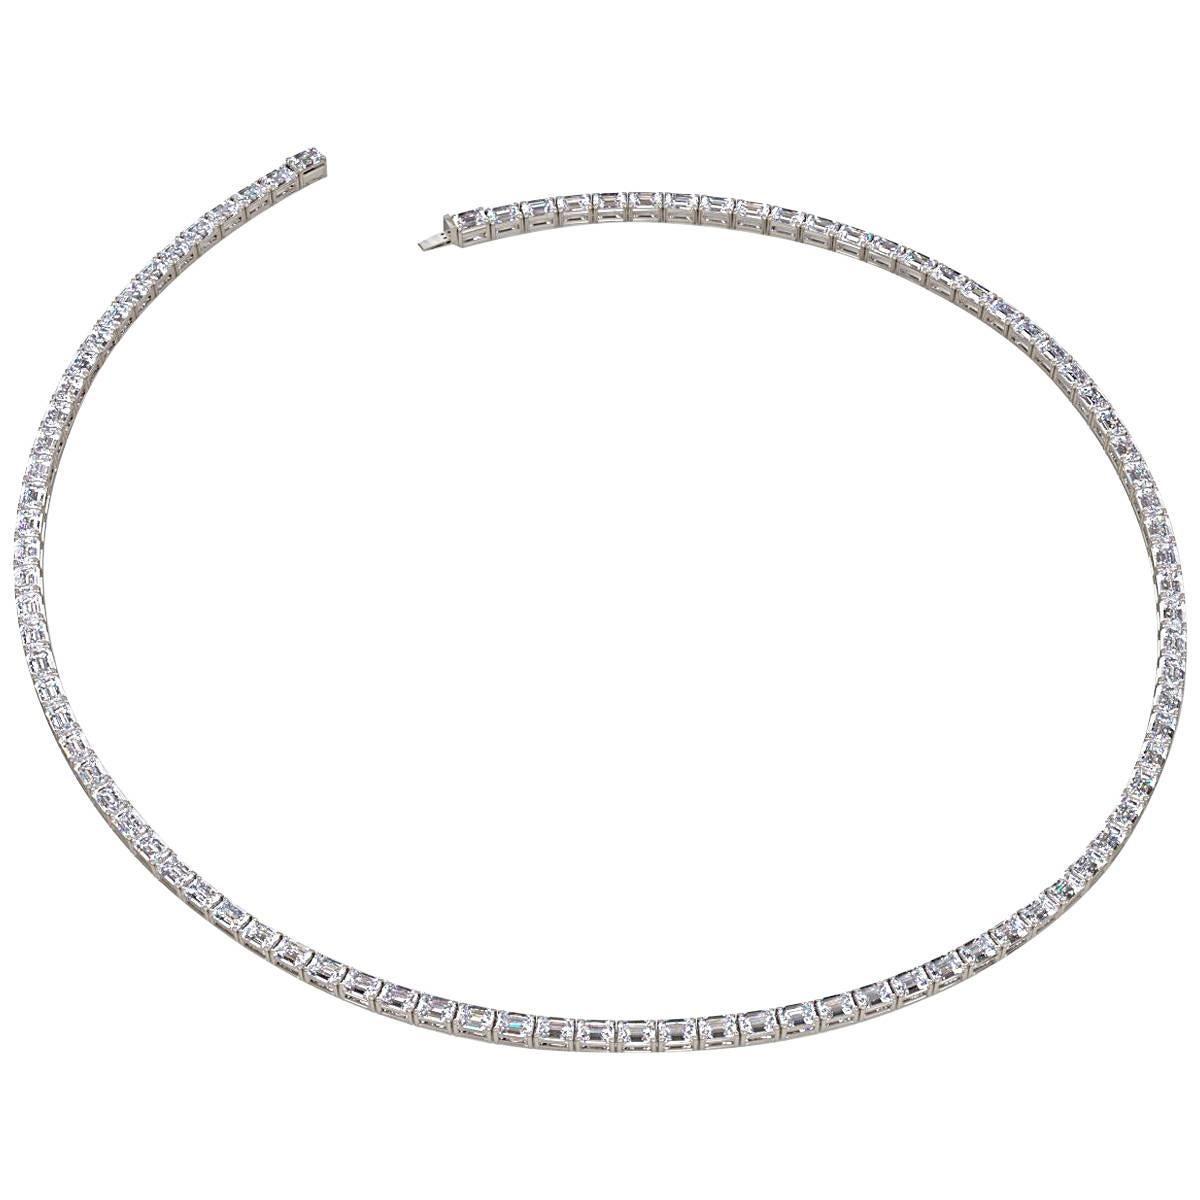 Emilio Jewelry 25.00 Carat Emerald Cut Diamond Necklace